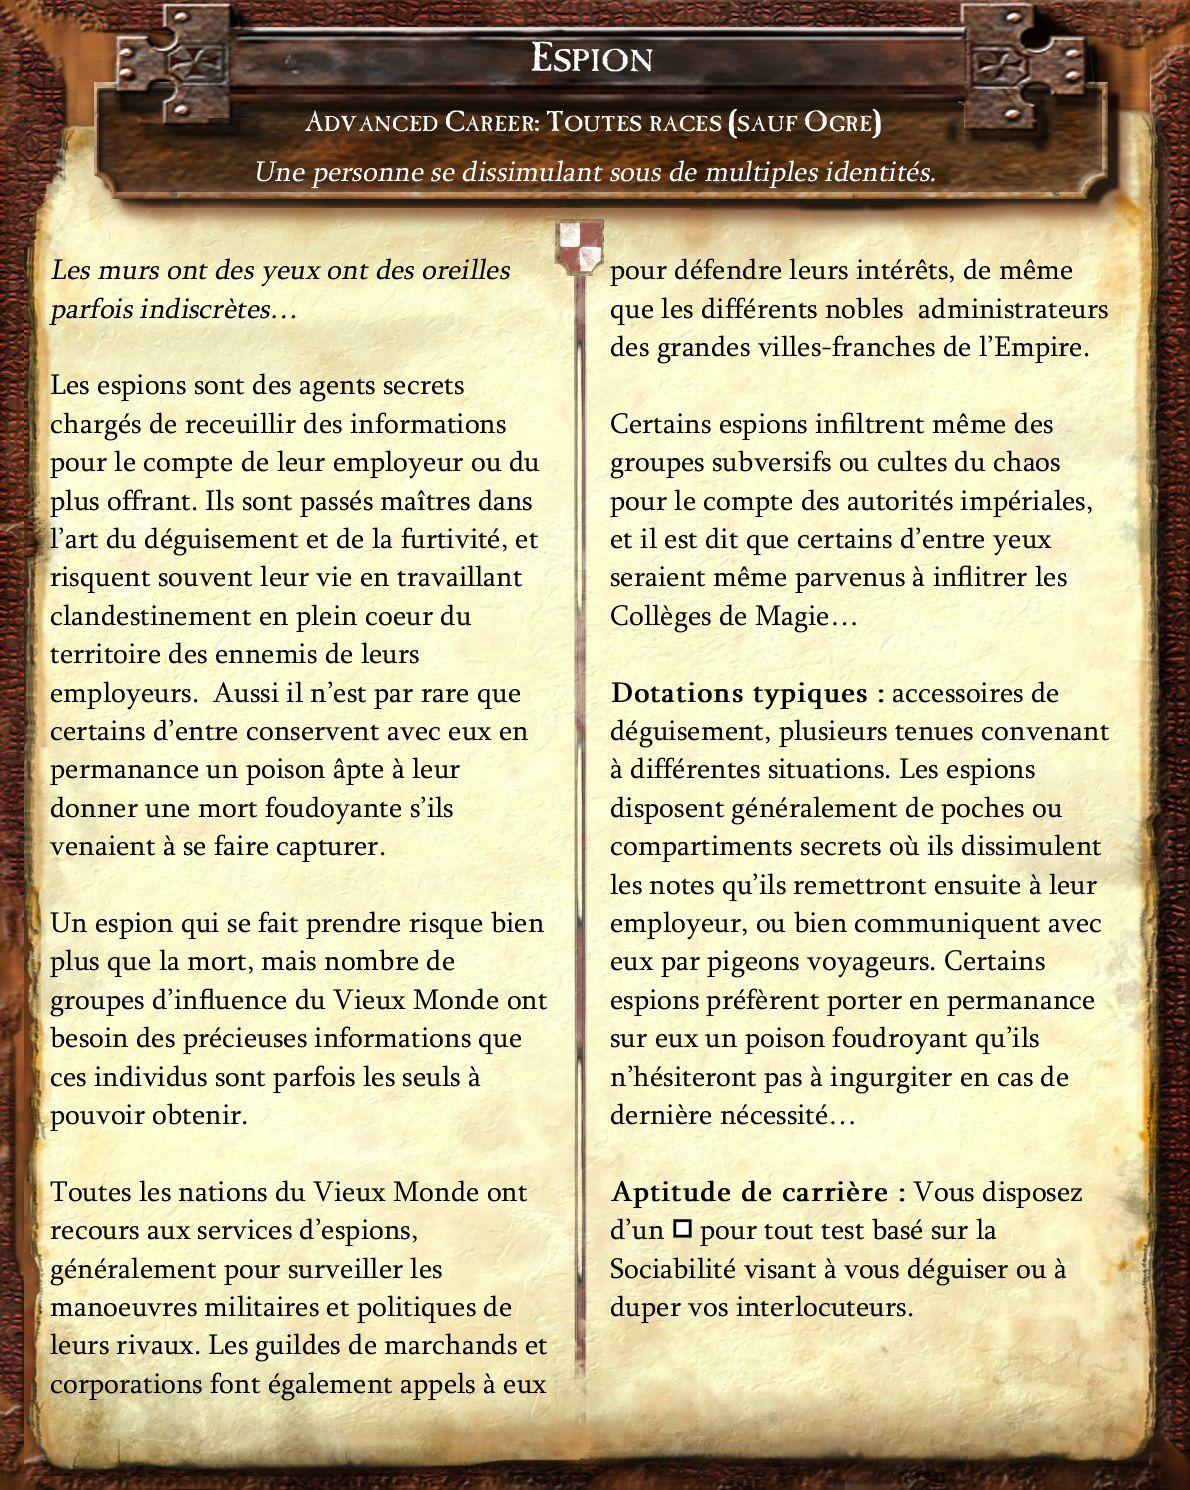 [Warhammer 3] Neuf nouvelles carrières de filous et brigands